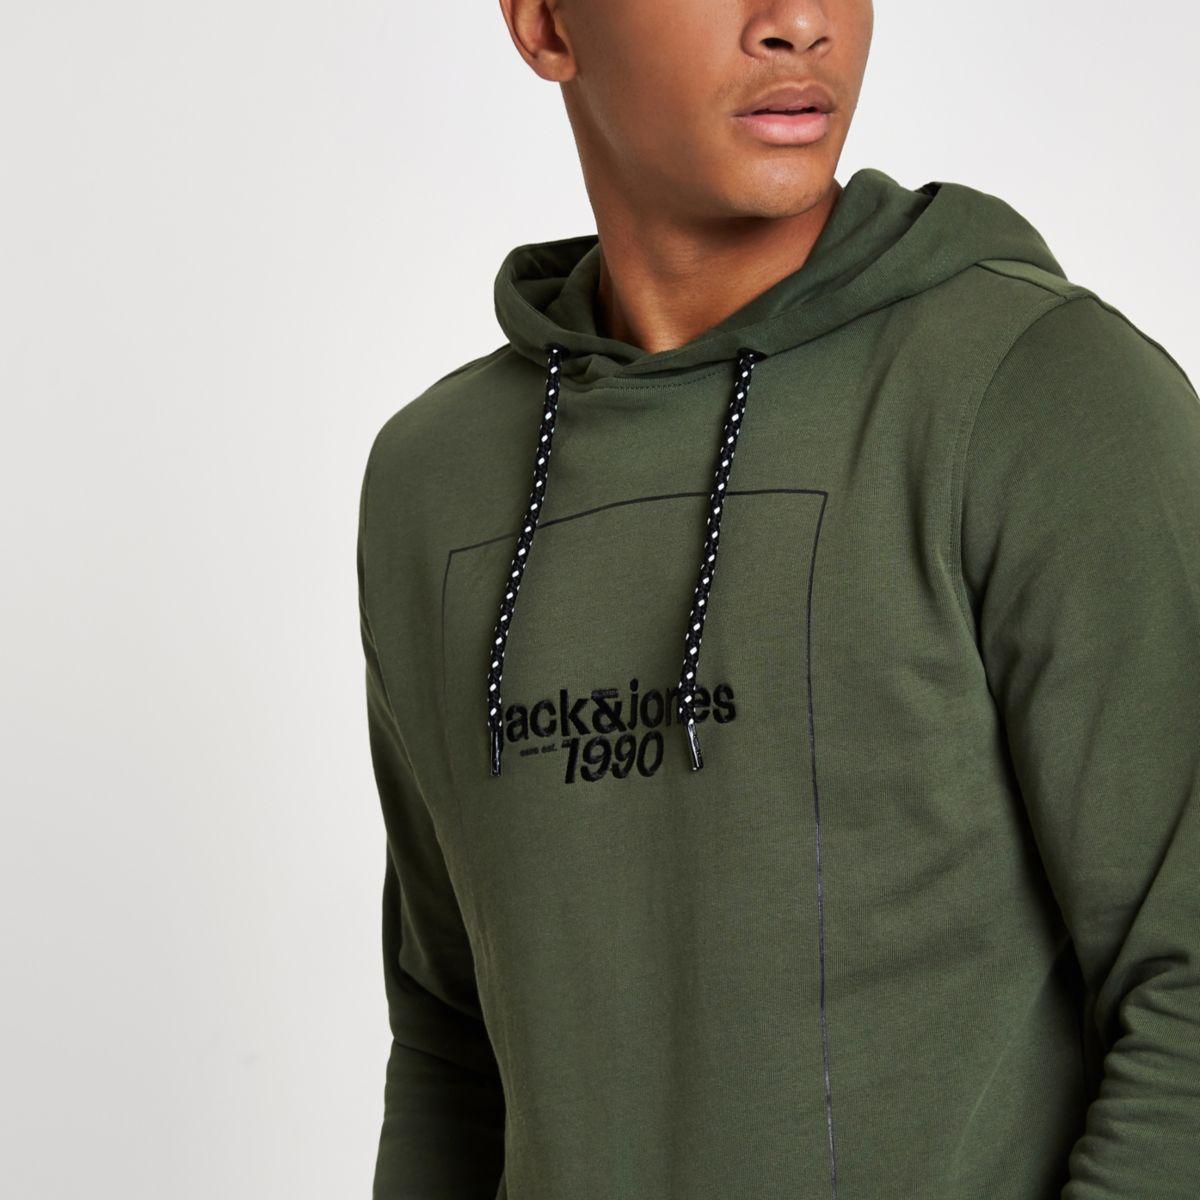 Jack & Jones Core green '1990' hoodie